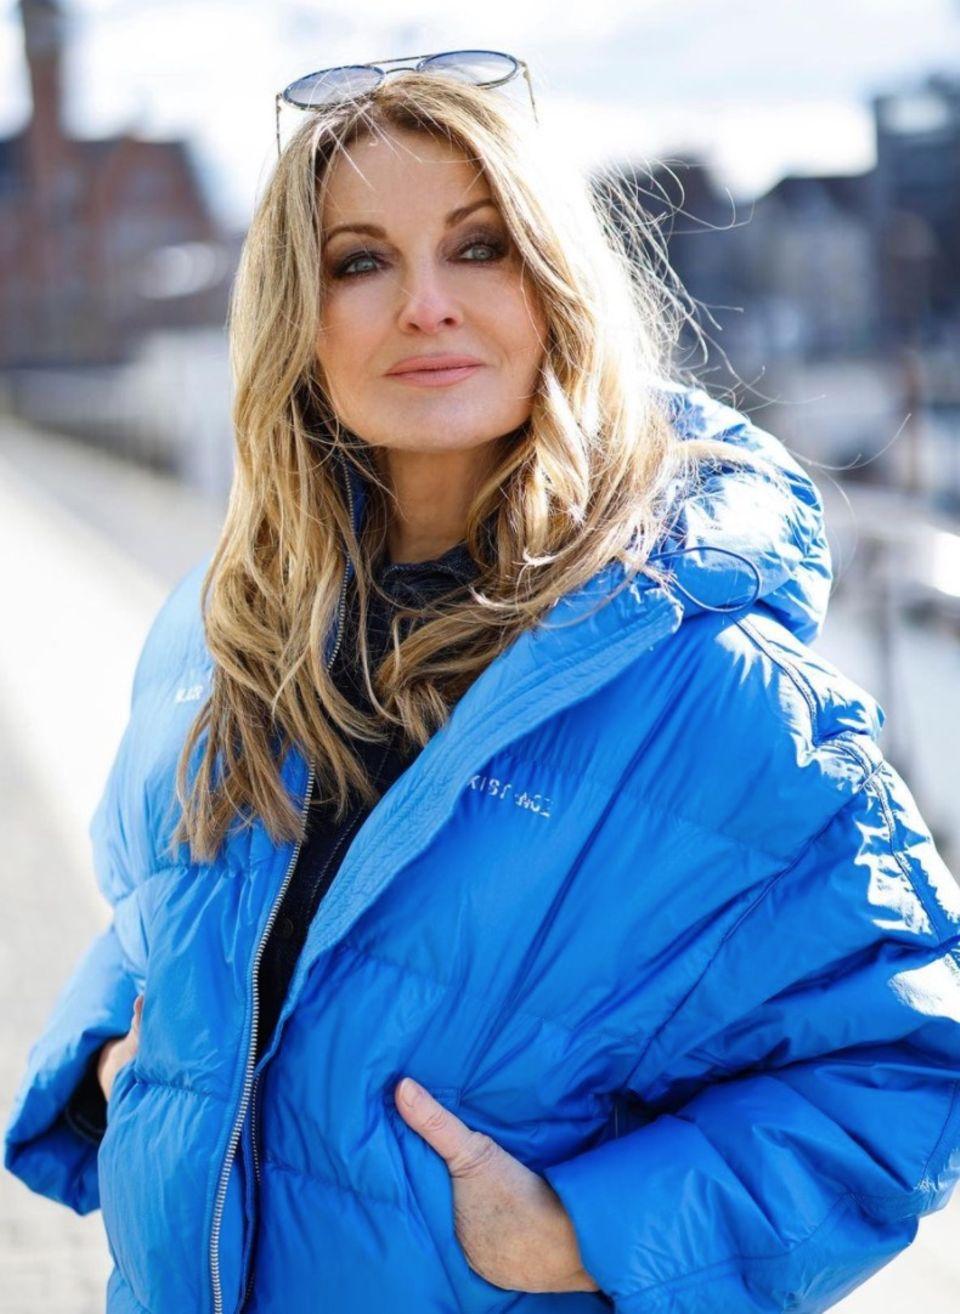 Bei diesem Look weiß man gar nicht, wo man zuerst hinsehen soll: Auf die königsblaue Bomberjacke von Frauke Ludowig oder die smokey Eyes. Mal wieder beweist die Moderatorin auf Instagram, wie vielseitig sie ist, wenn es um Mode geht. Auch die runde Sonnenbrille steht ihr hervorragend.